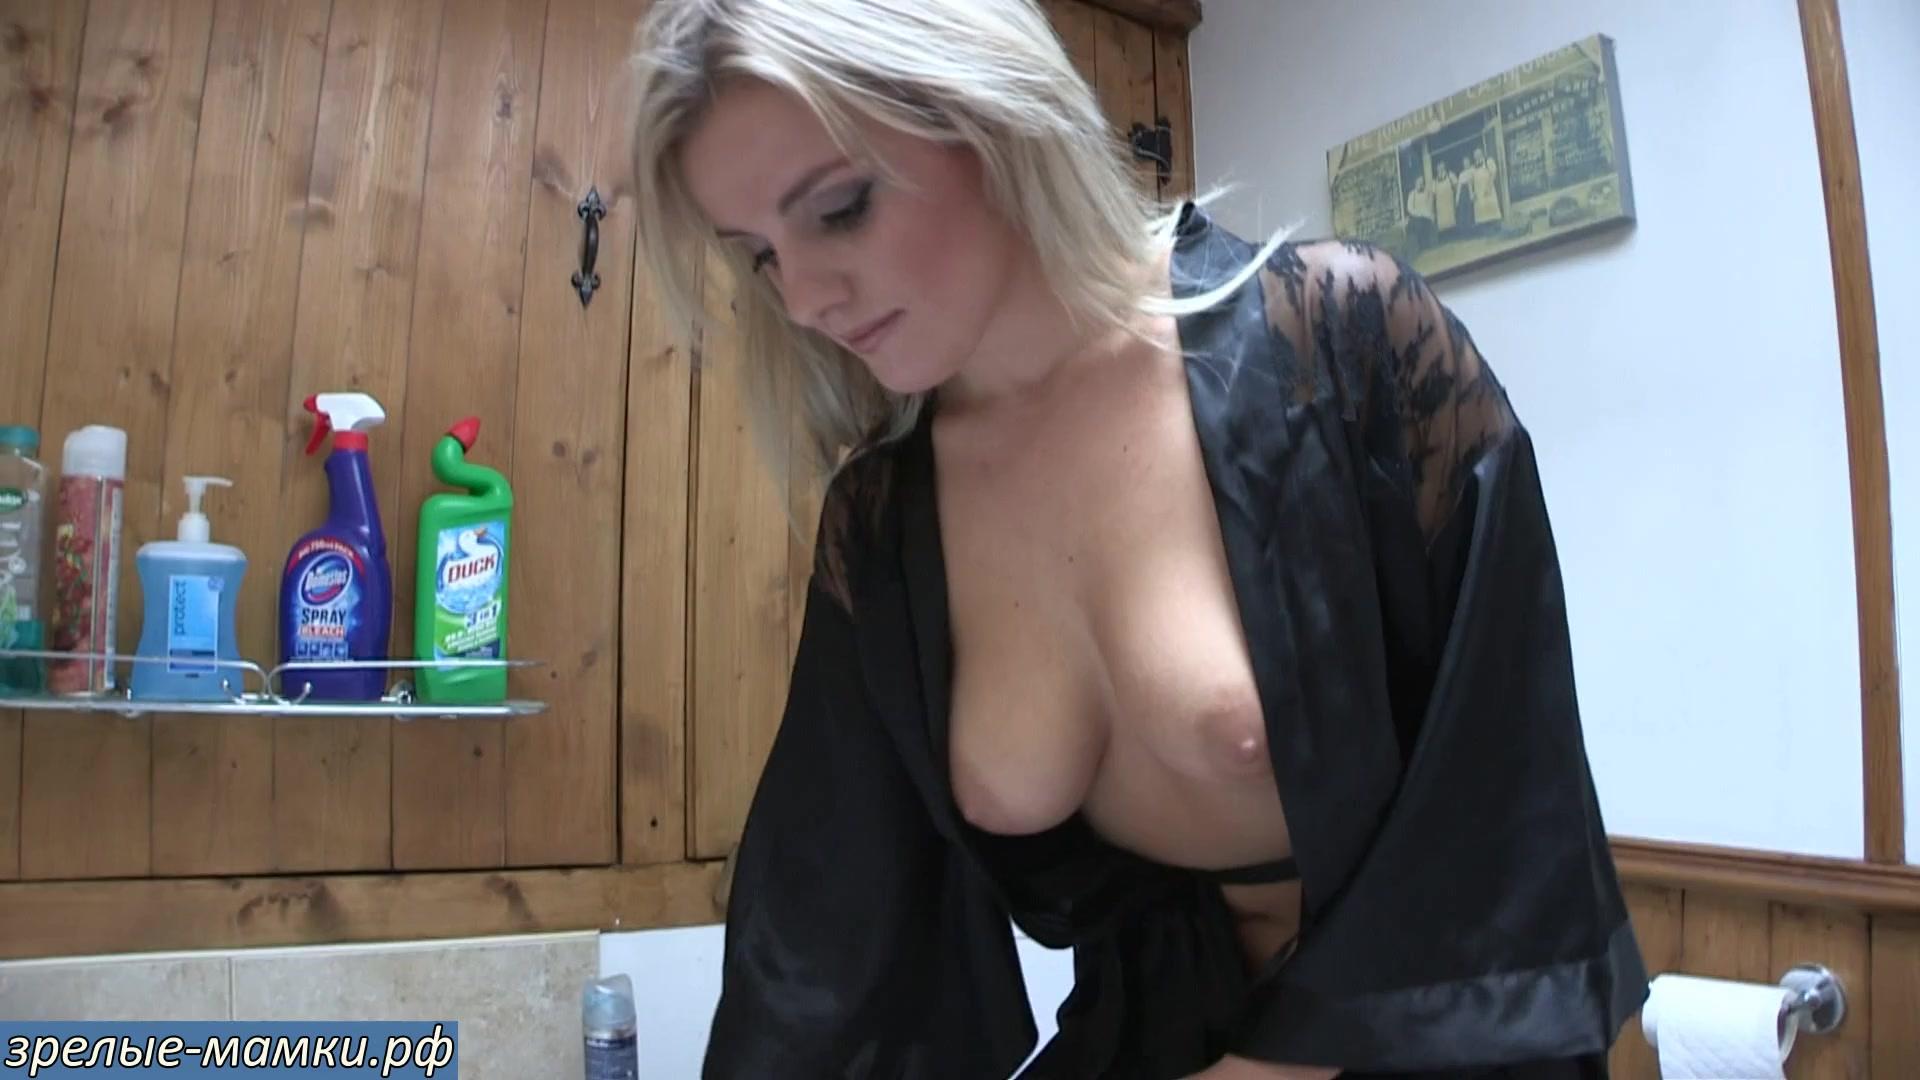 Что она делает руками?